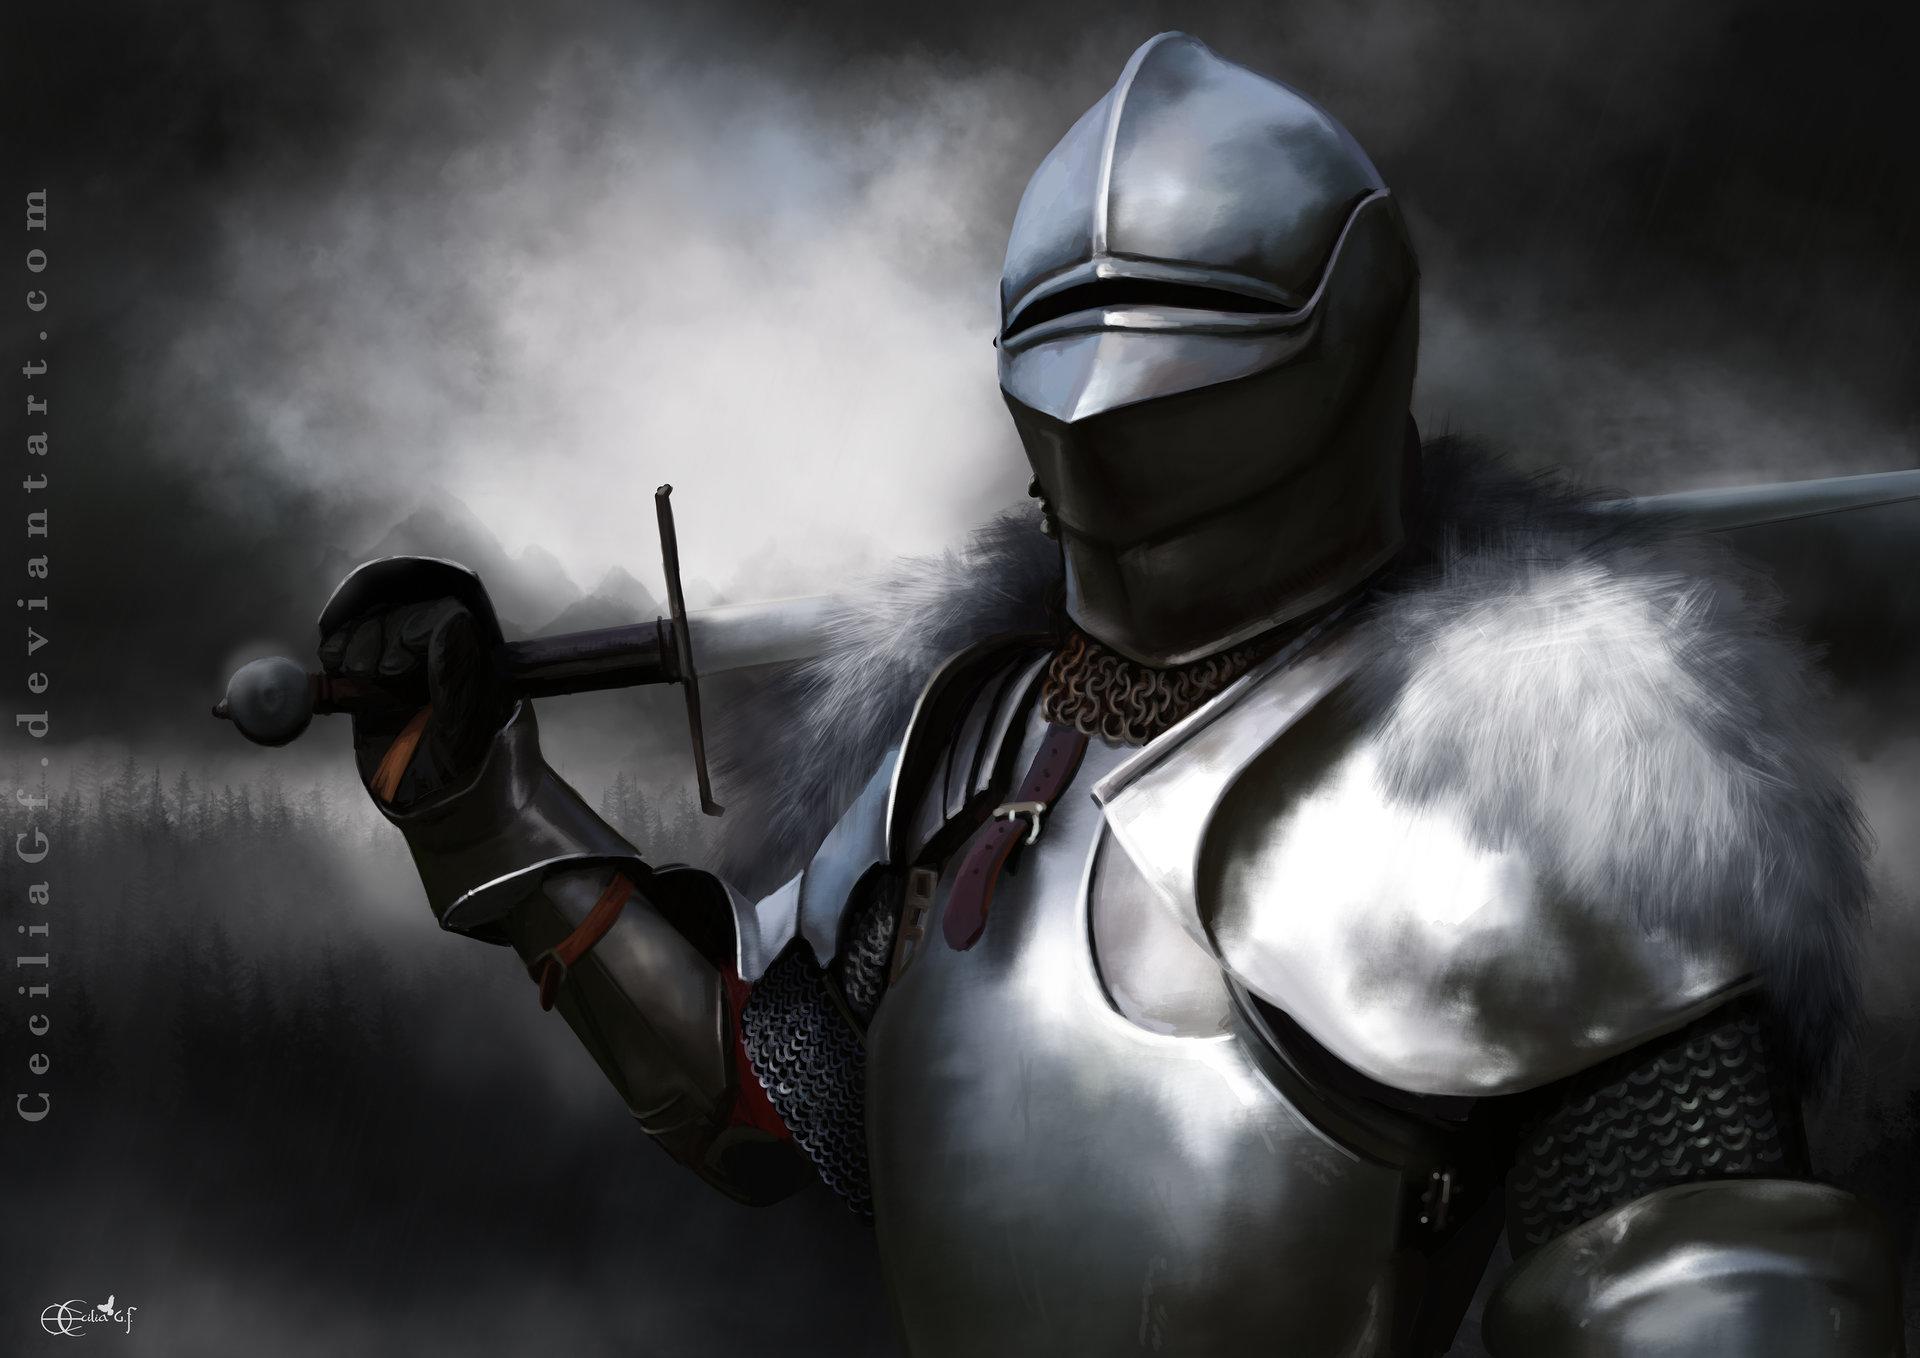 Cecilia gf knight